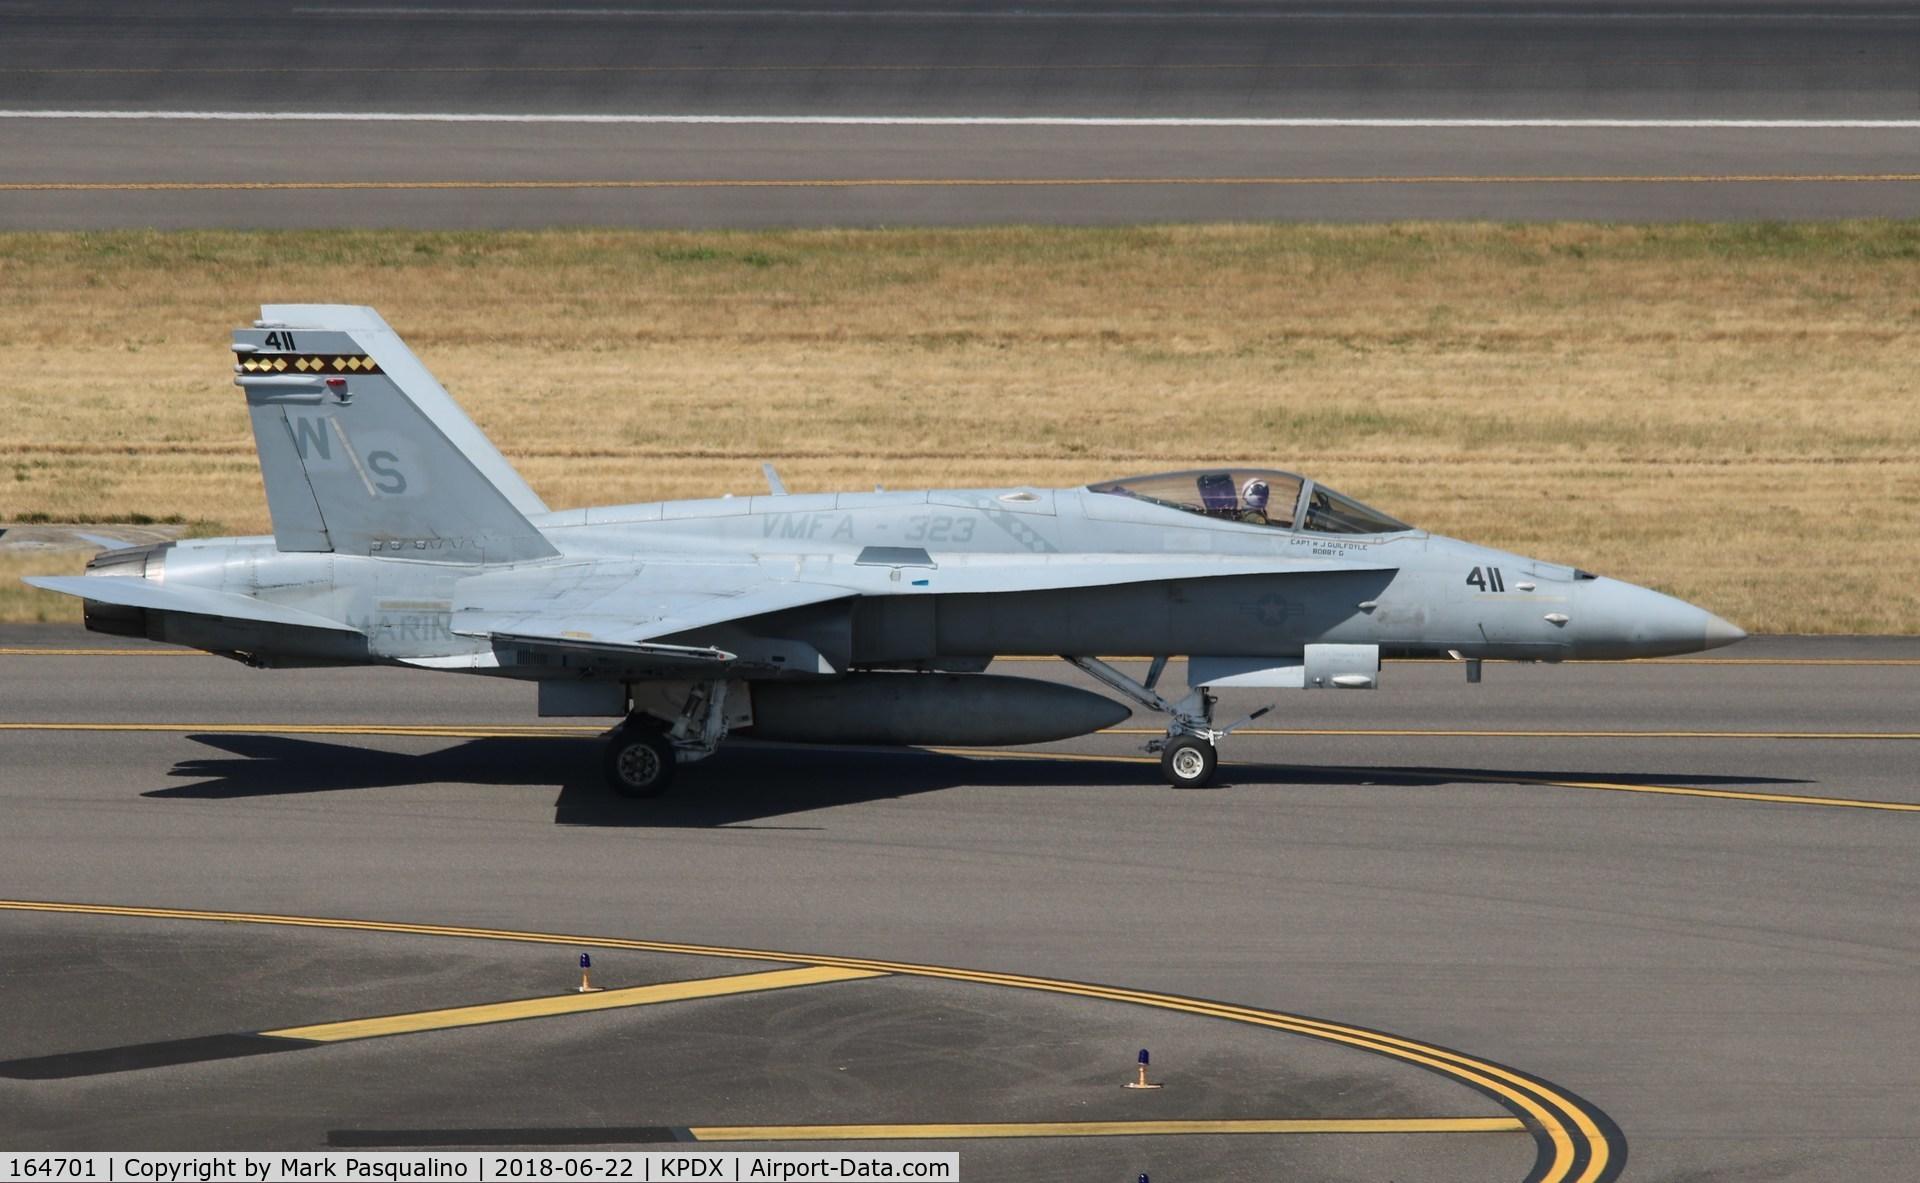 164701, McDonnell Douglas F/A-18C Hornet C/N 1140/C308, Mcdonnell Douglas F/A-18C